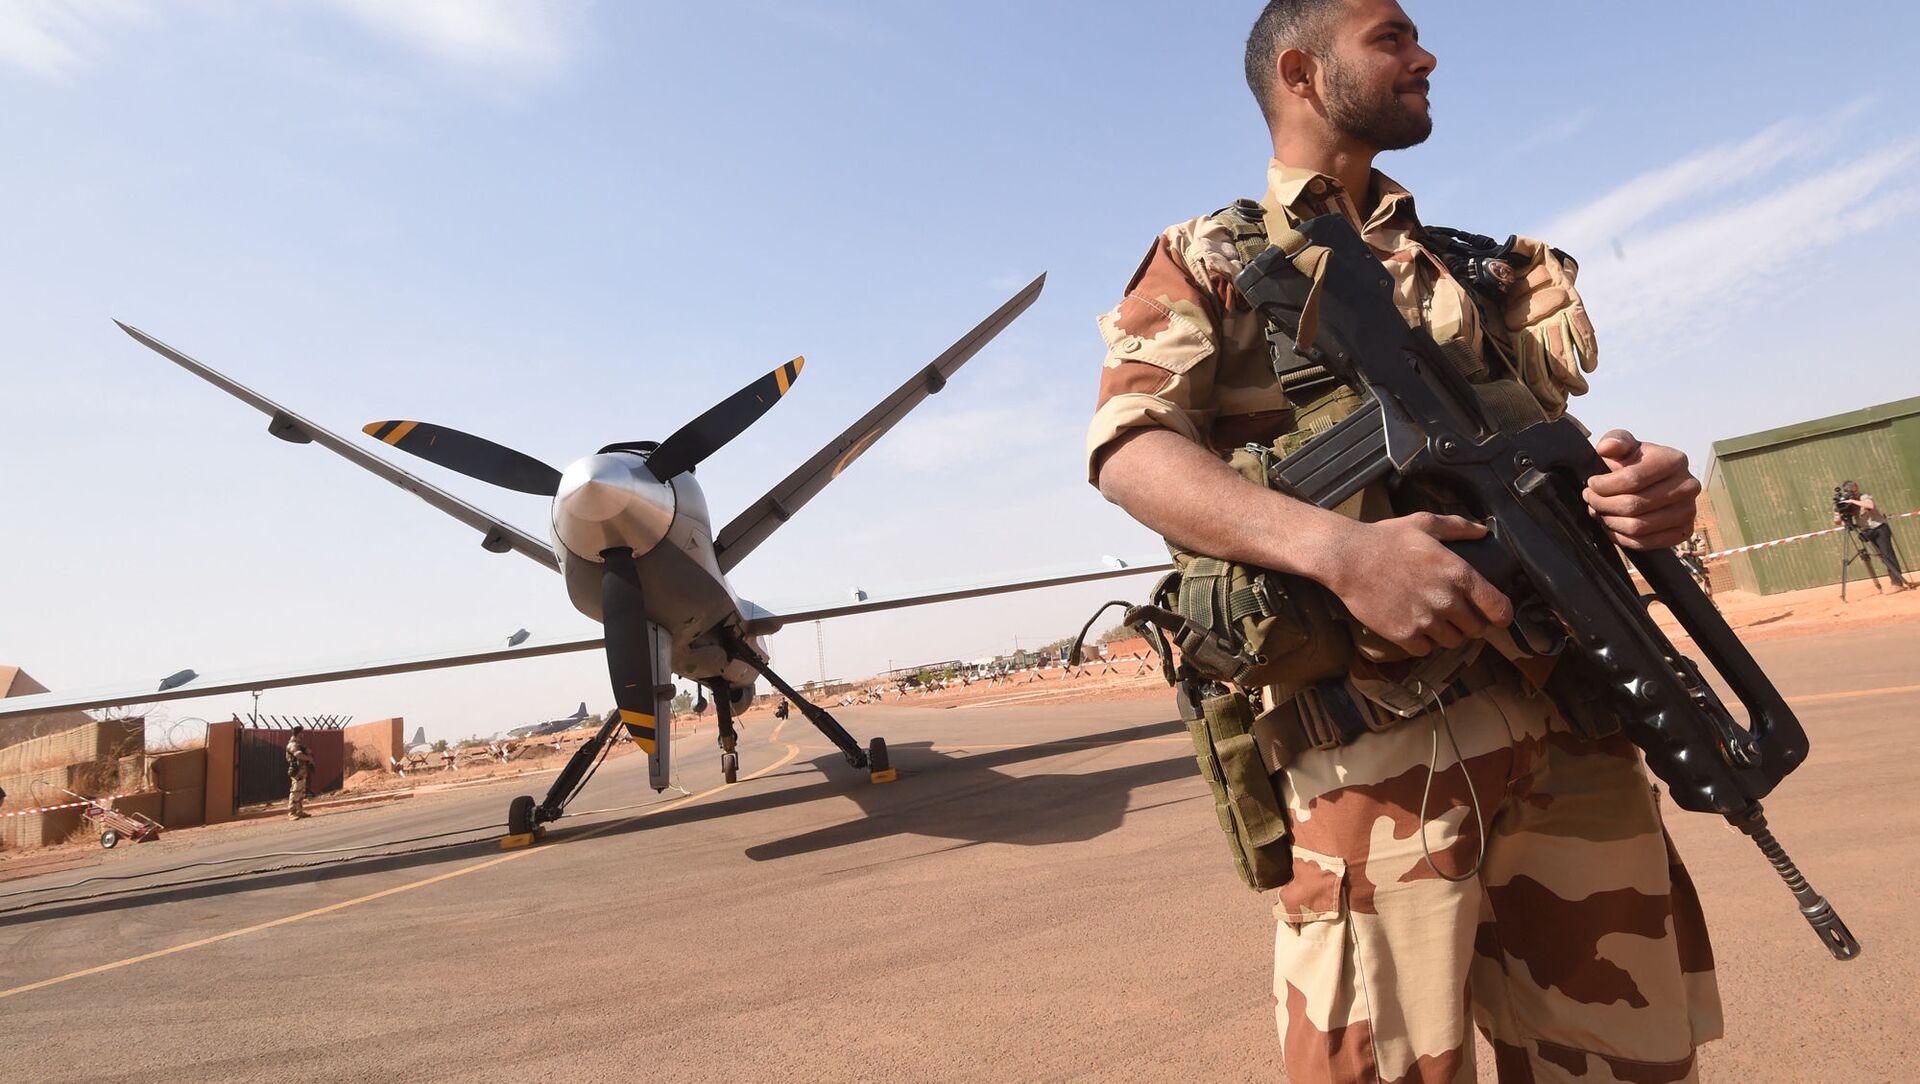 Soldat de l'opération Barkhane, devant un drone Reaper à l'aéroport militaire nigérian de Diori Hamani - Sputnik France, 1920, 17.09.2021